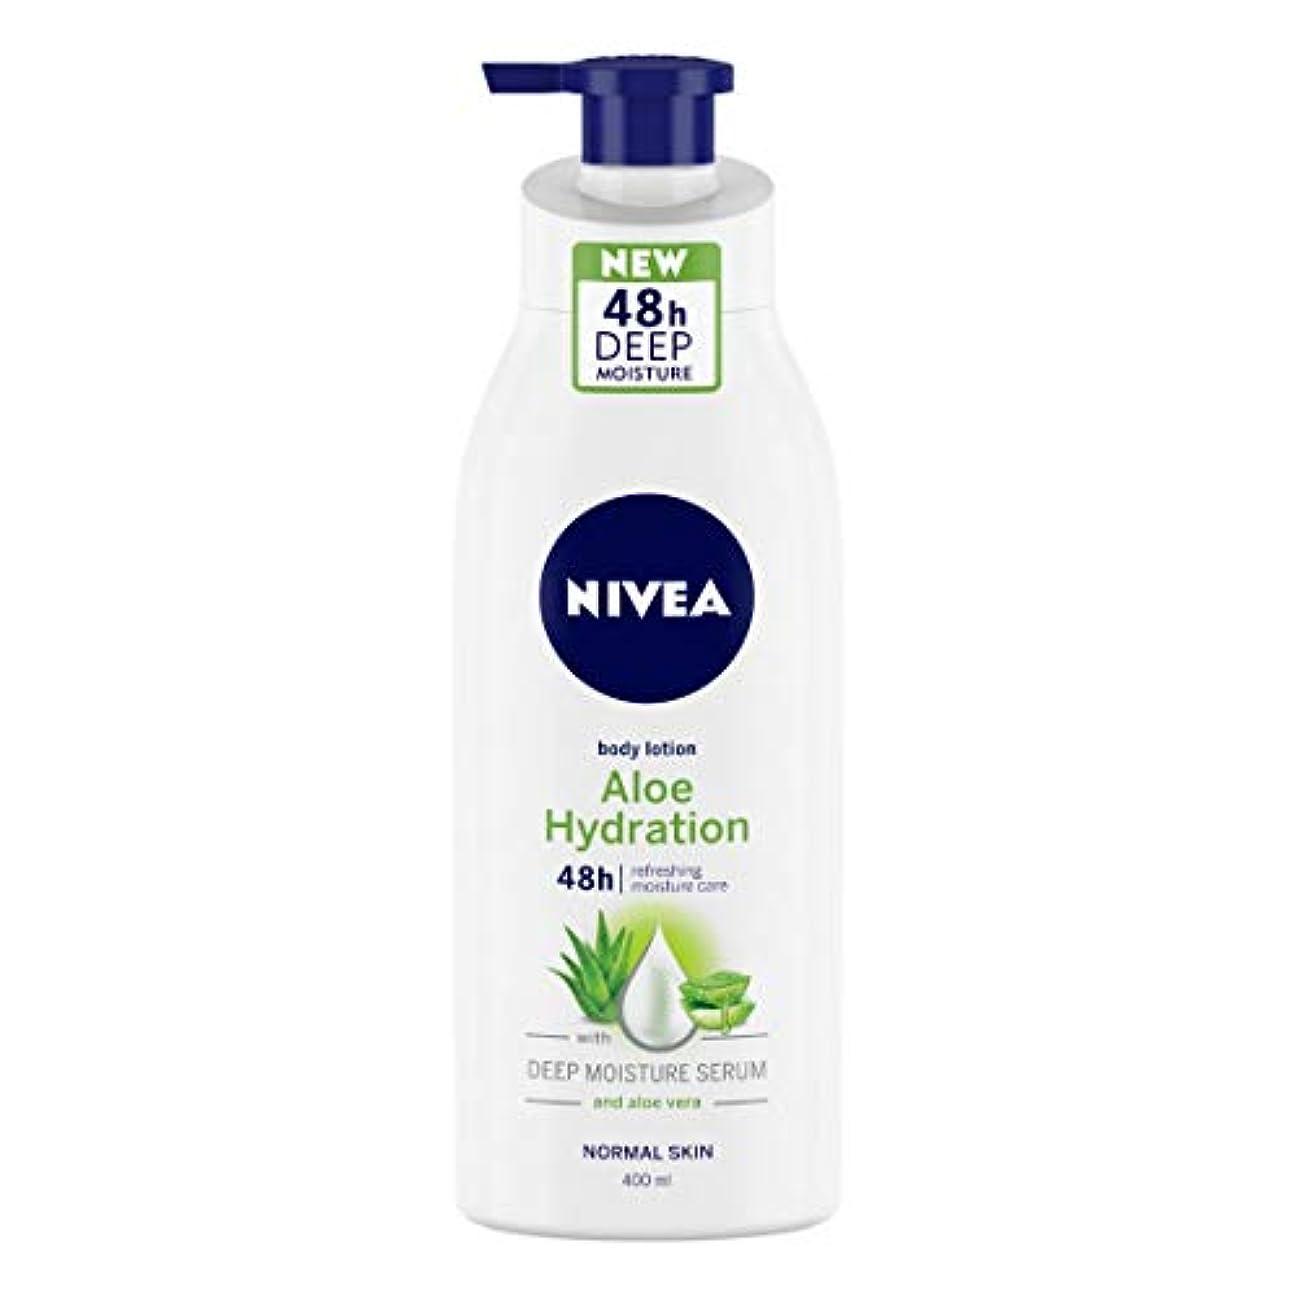 マラドロイトオフェンスリレーNIVEA Aloe Hydration Body Lotion, 400ml, with deep moisture serum and aloe vera for normal skin